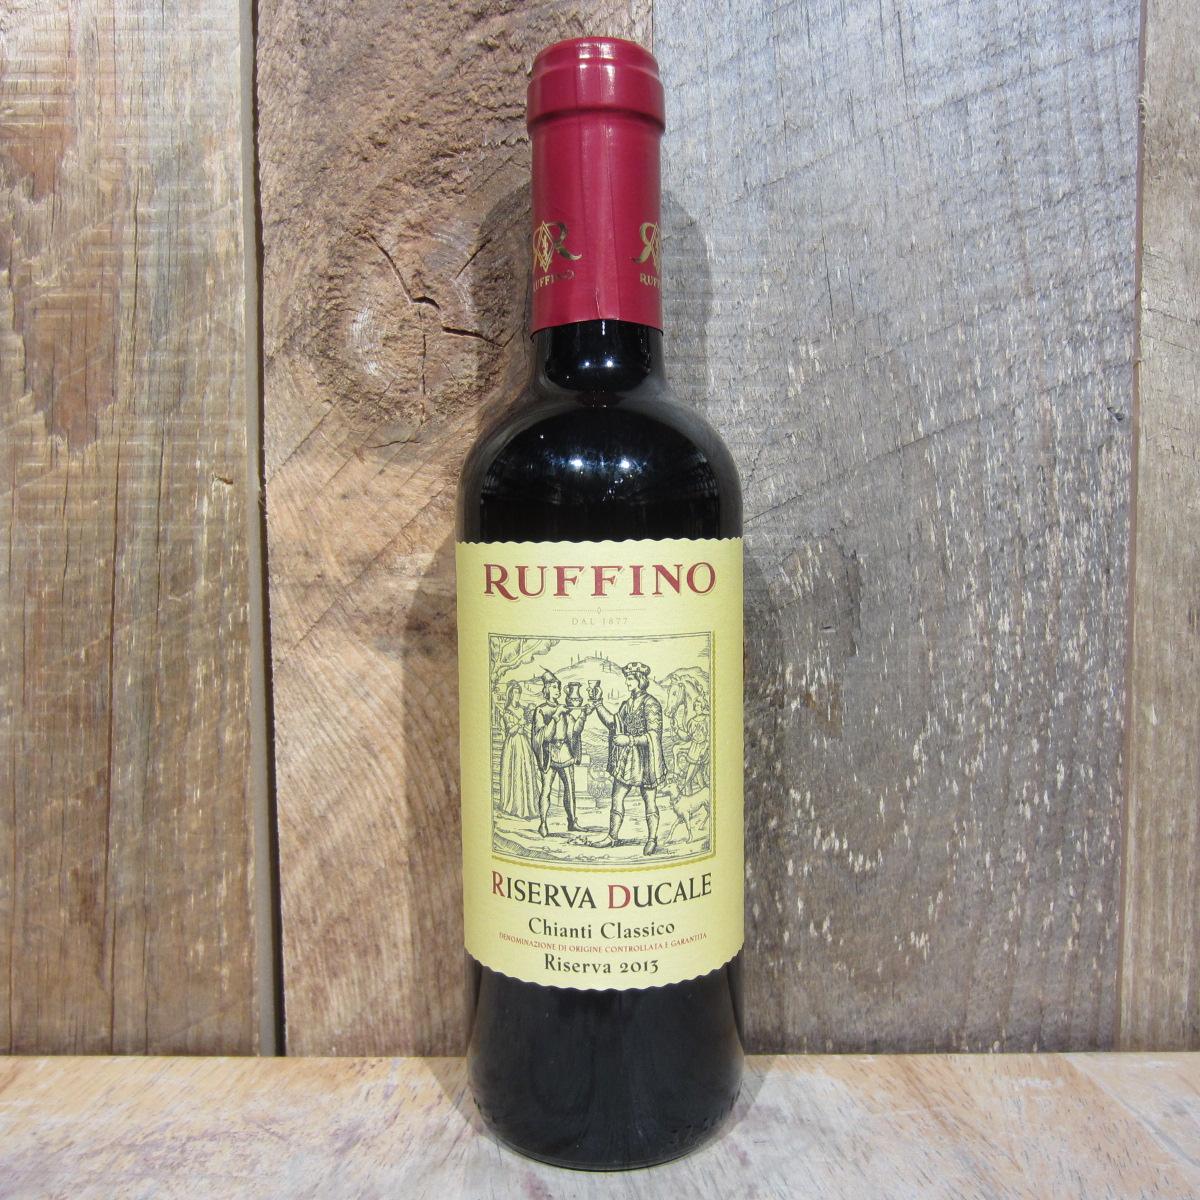 Ruffino Ducale Tan Chianti Classico Riserva 375ml (Half Size Btl)